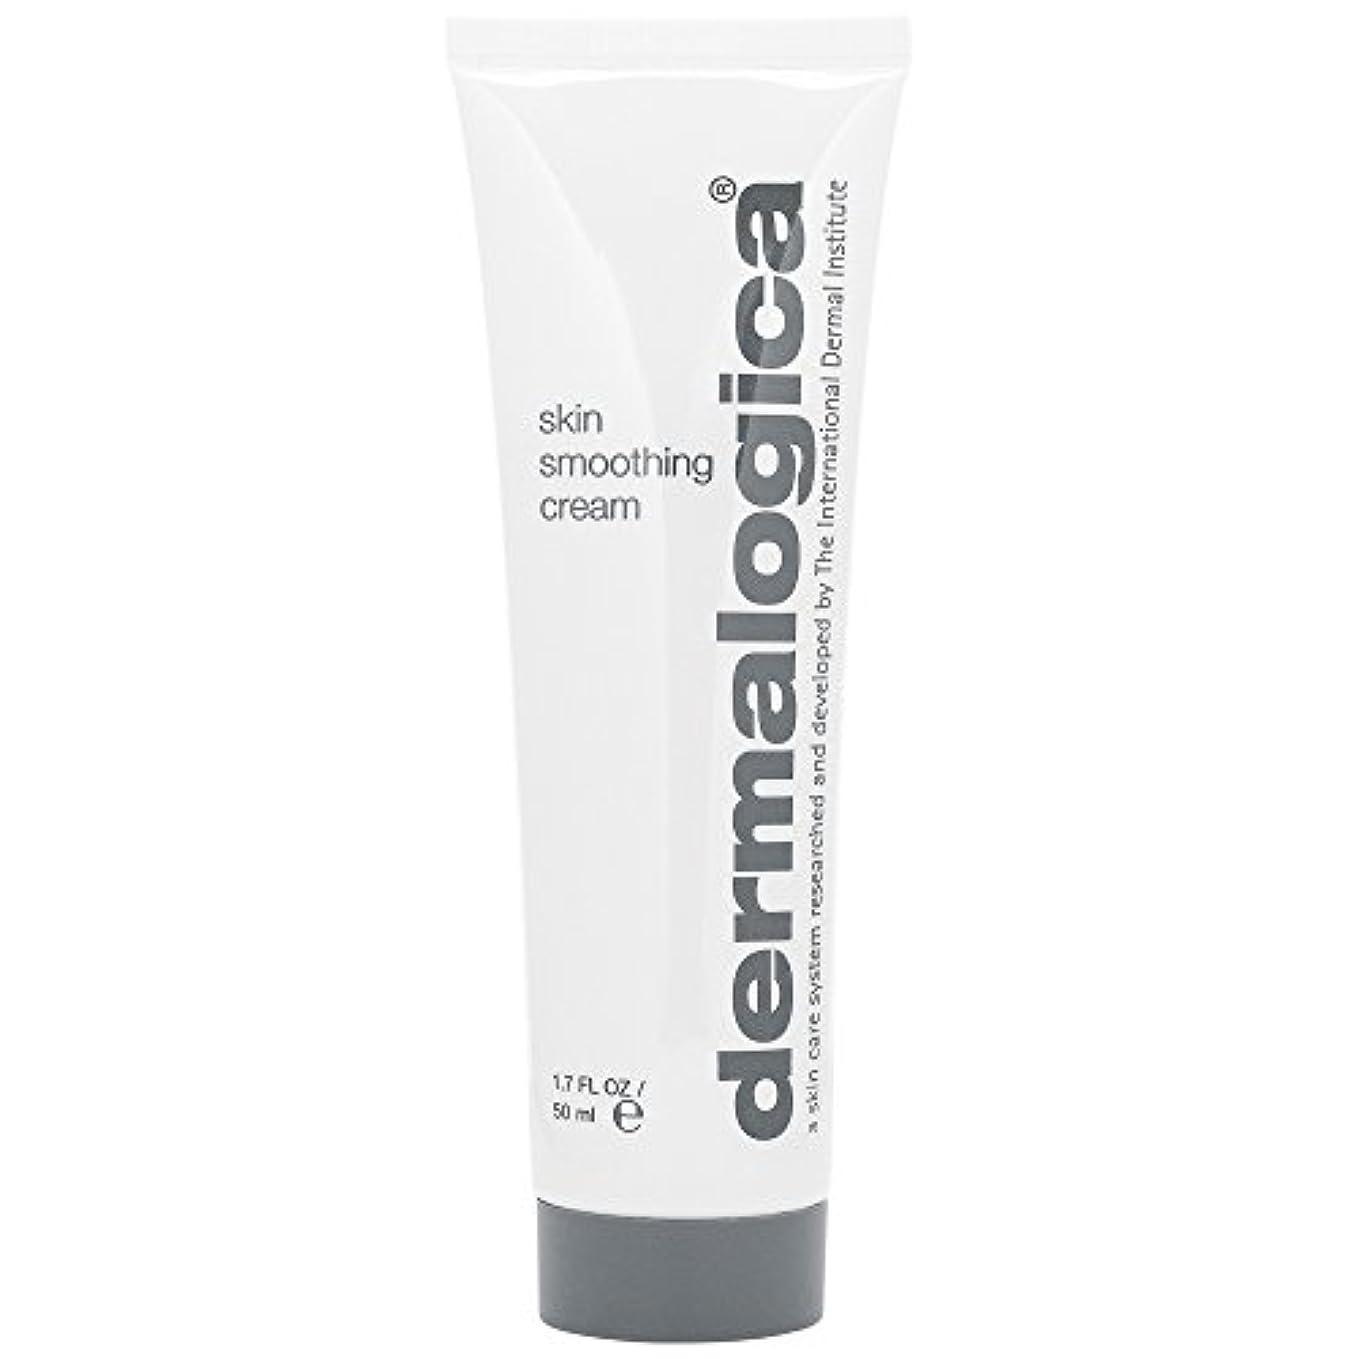 許可お勧め生産性ダーマロジカスキンスムージングクリーム50ミリリットル (Dermalogica) (x6) - Dermalogica Skin Smoothing Cream 50ml (Pack of 6) [並行輸入品]